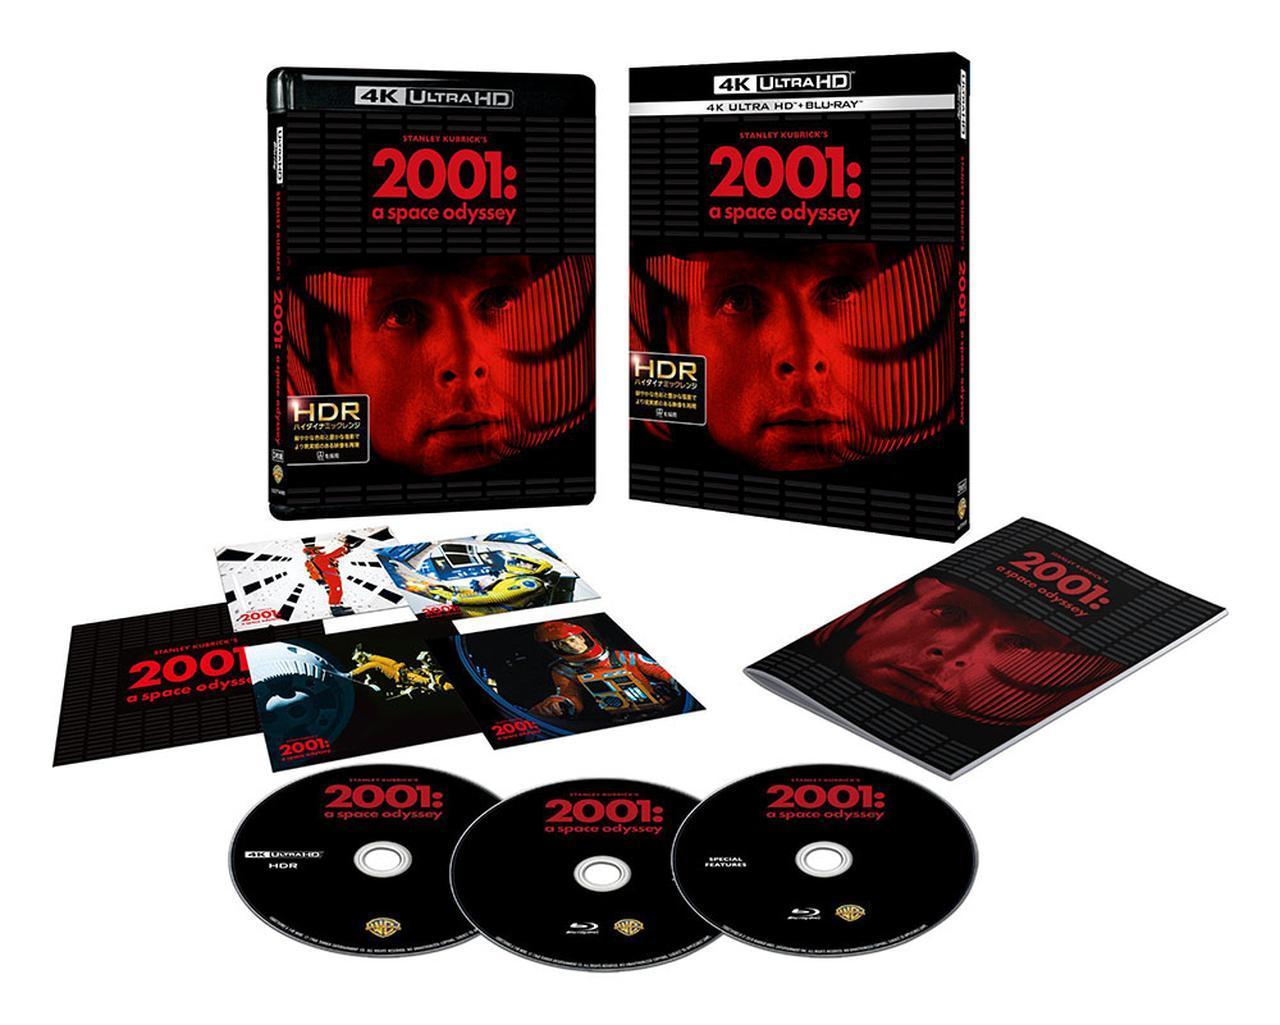 画像: 《UHDブルーレイ『2001年宇宙の旅』の衝撃・前篇》 65mmネガを8Kスキャン、4Kデジタルレストア!  驚異の高画質4K映像に、貴方も画面から目が離せなくなる